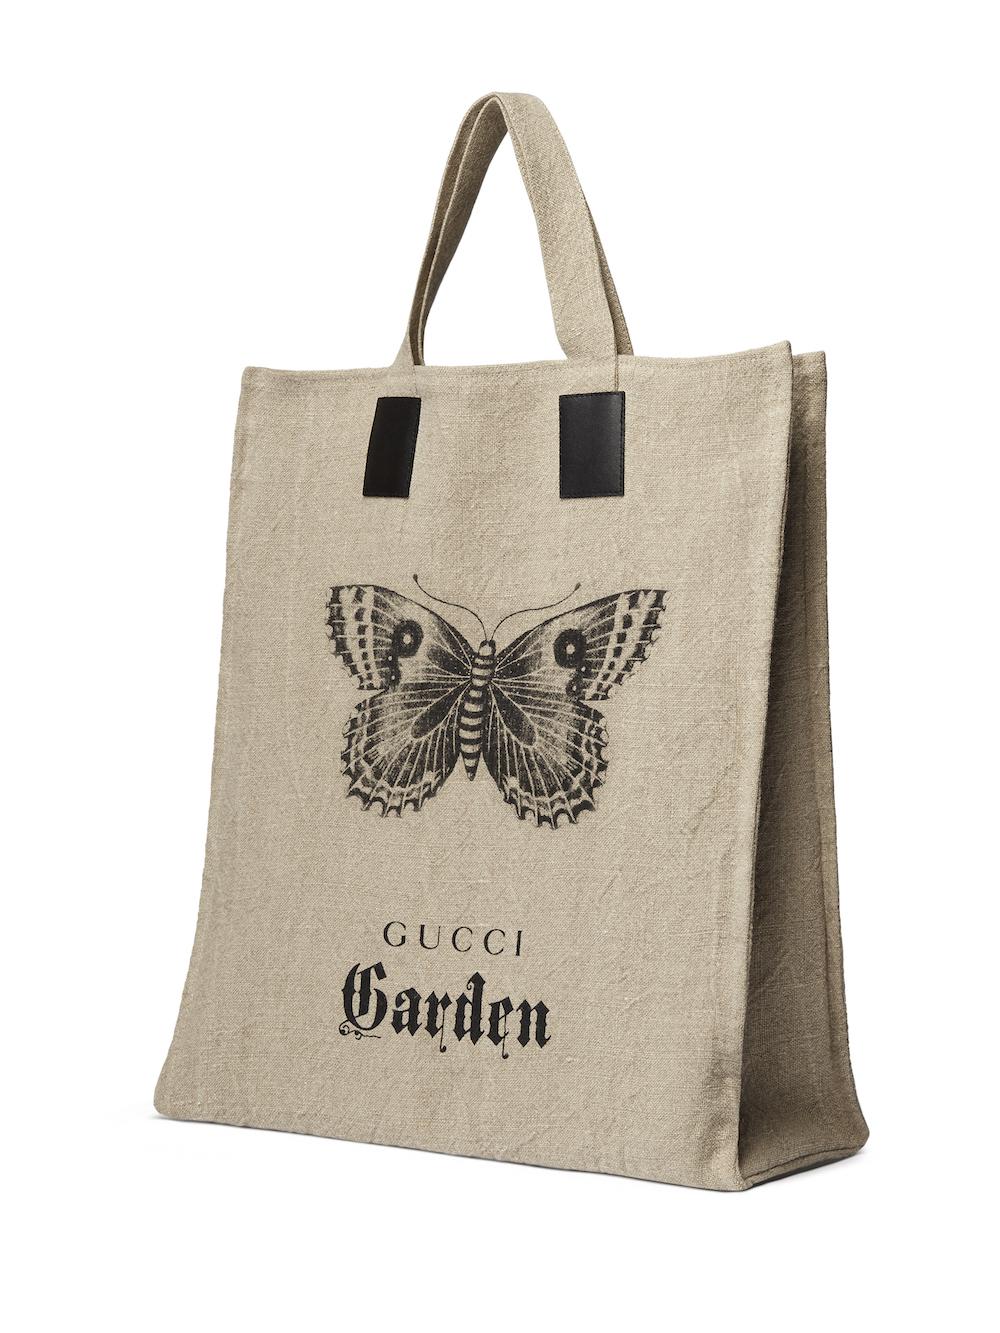 Garden_Gadget_SHOPPER_CANVAS_3D.jpg